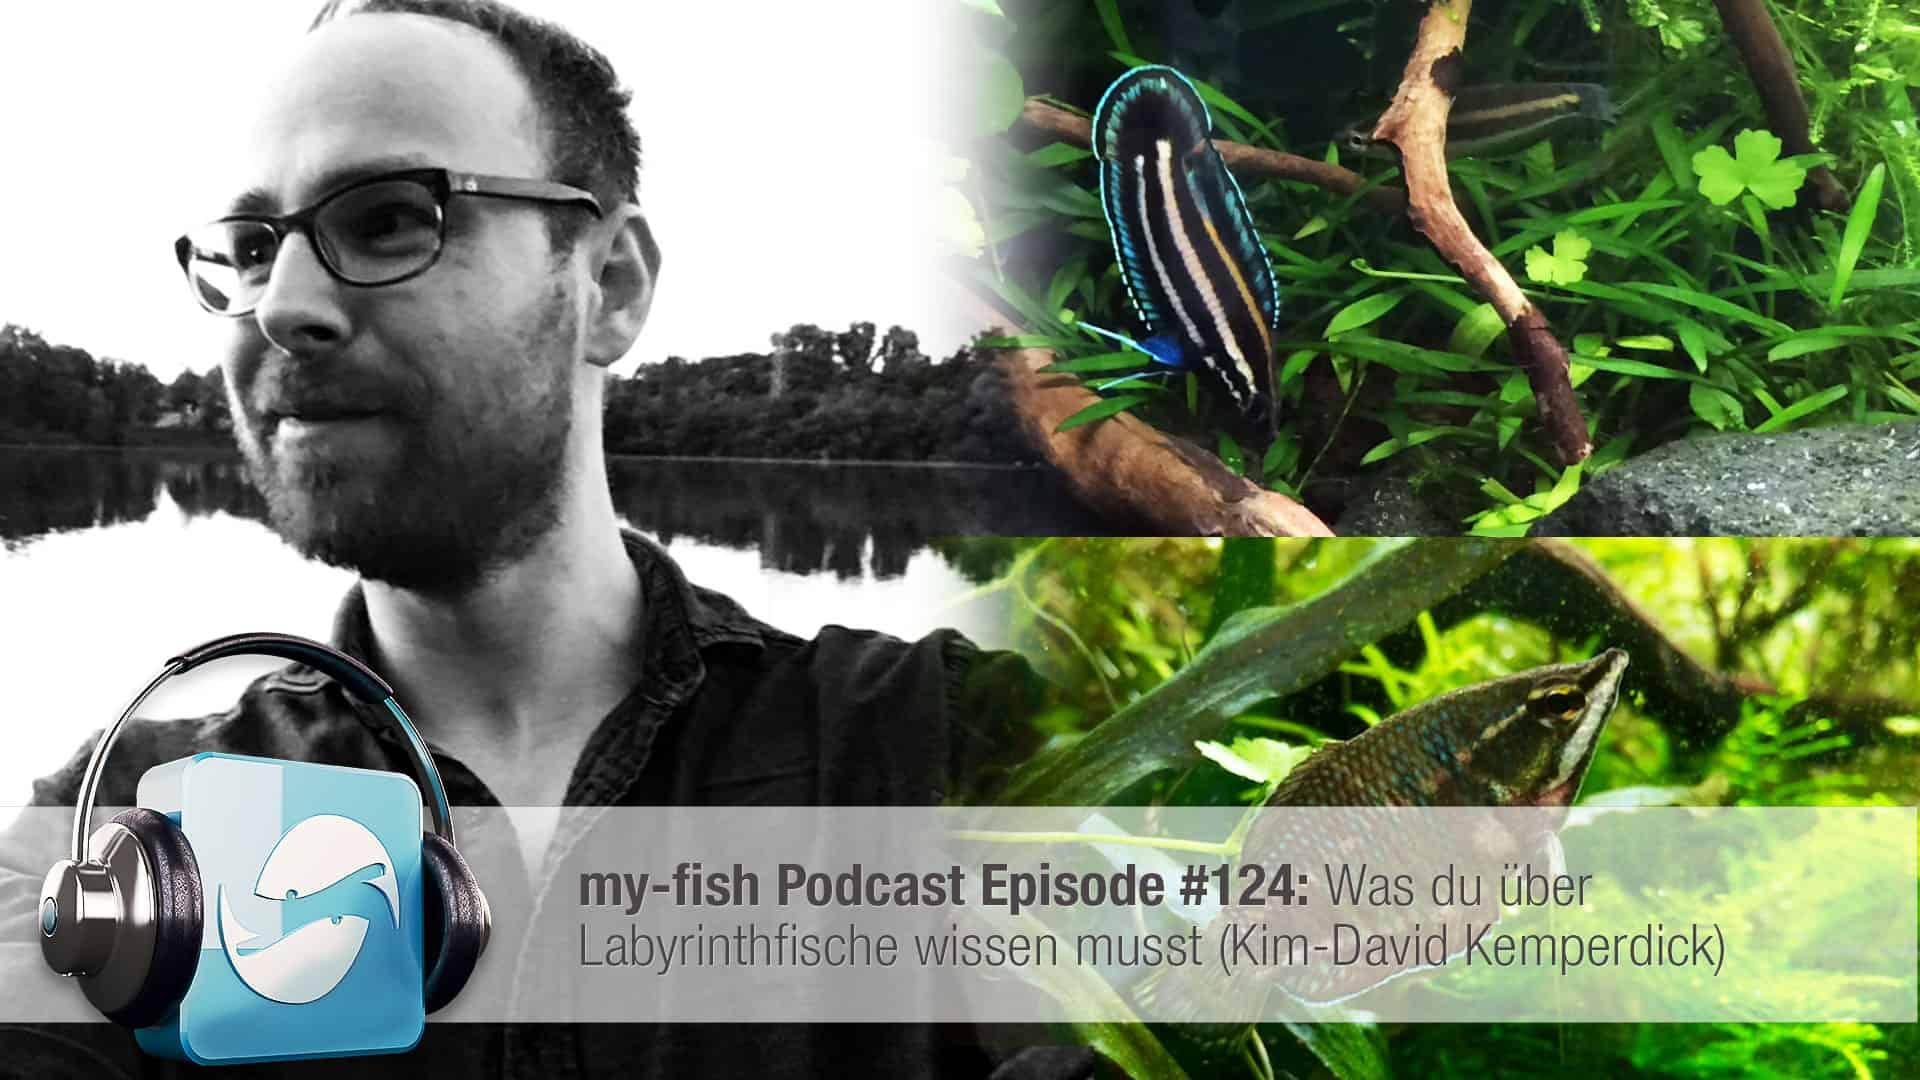 Podcast Episode #124: Was du über Labyrinthfische wissen musst (Kim-David Kemperdick) 1